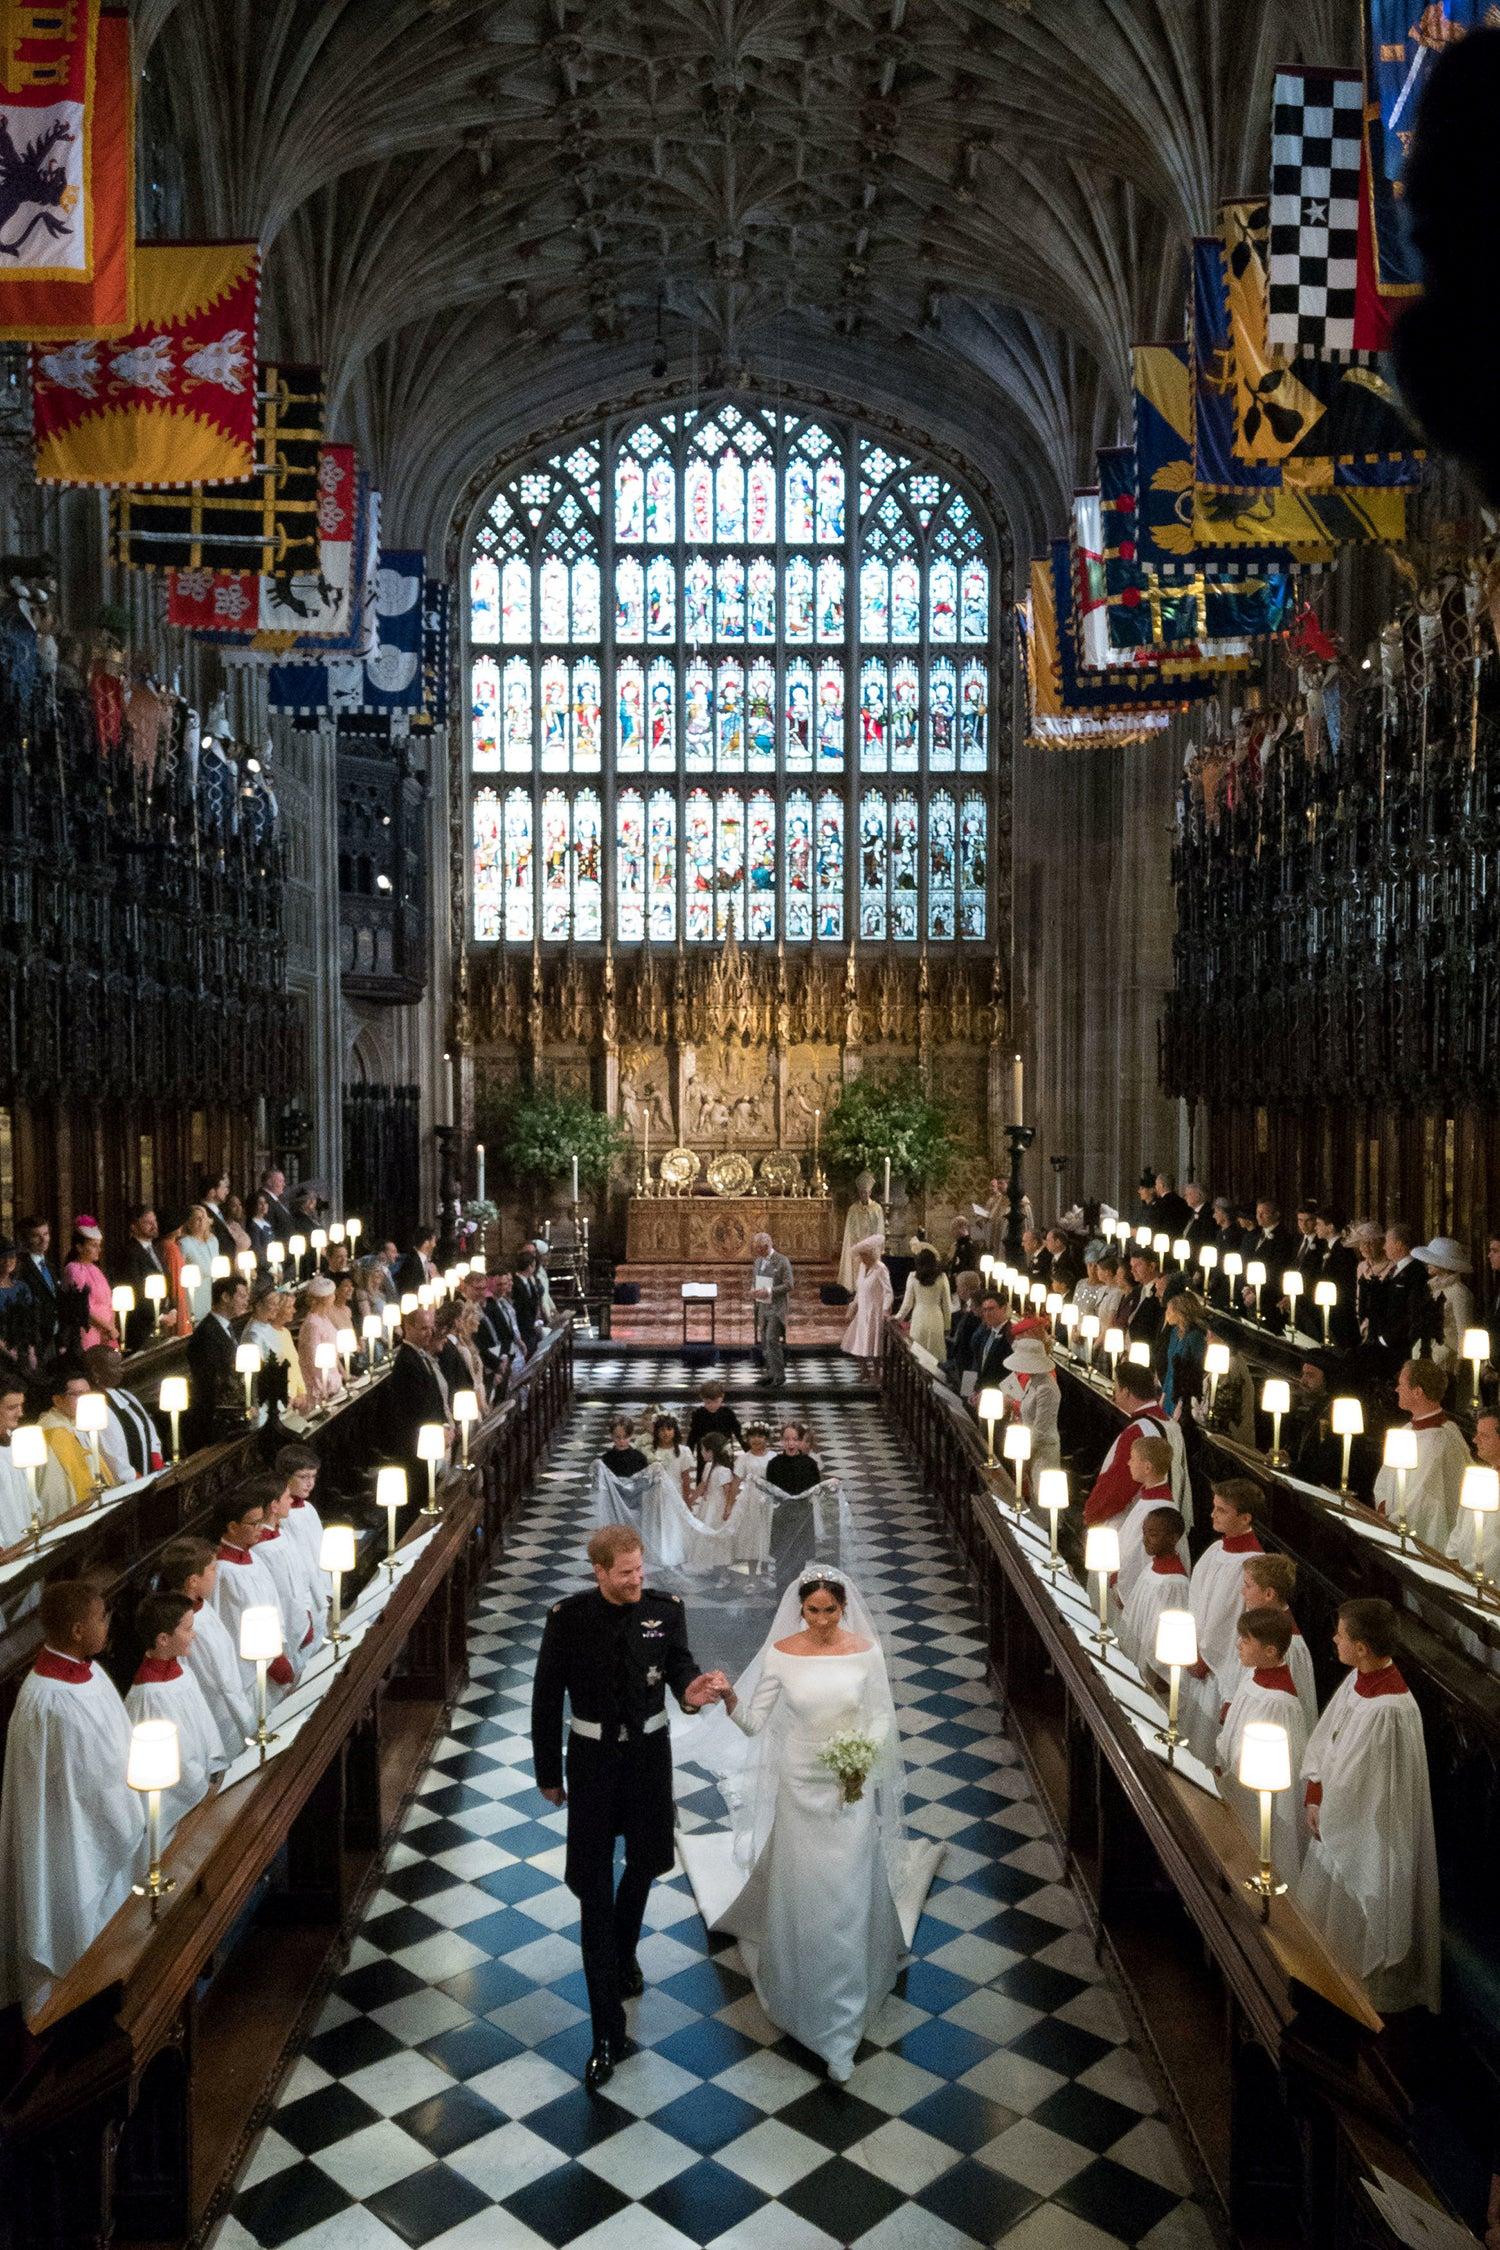 Casamento do príncipe Harry e Meghan Markle na capela de St. George /Reuters